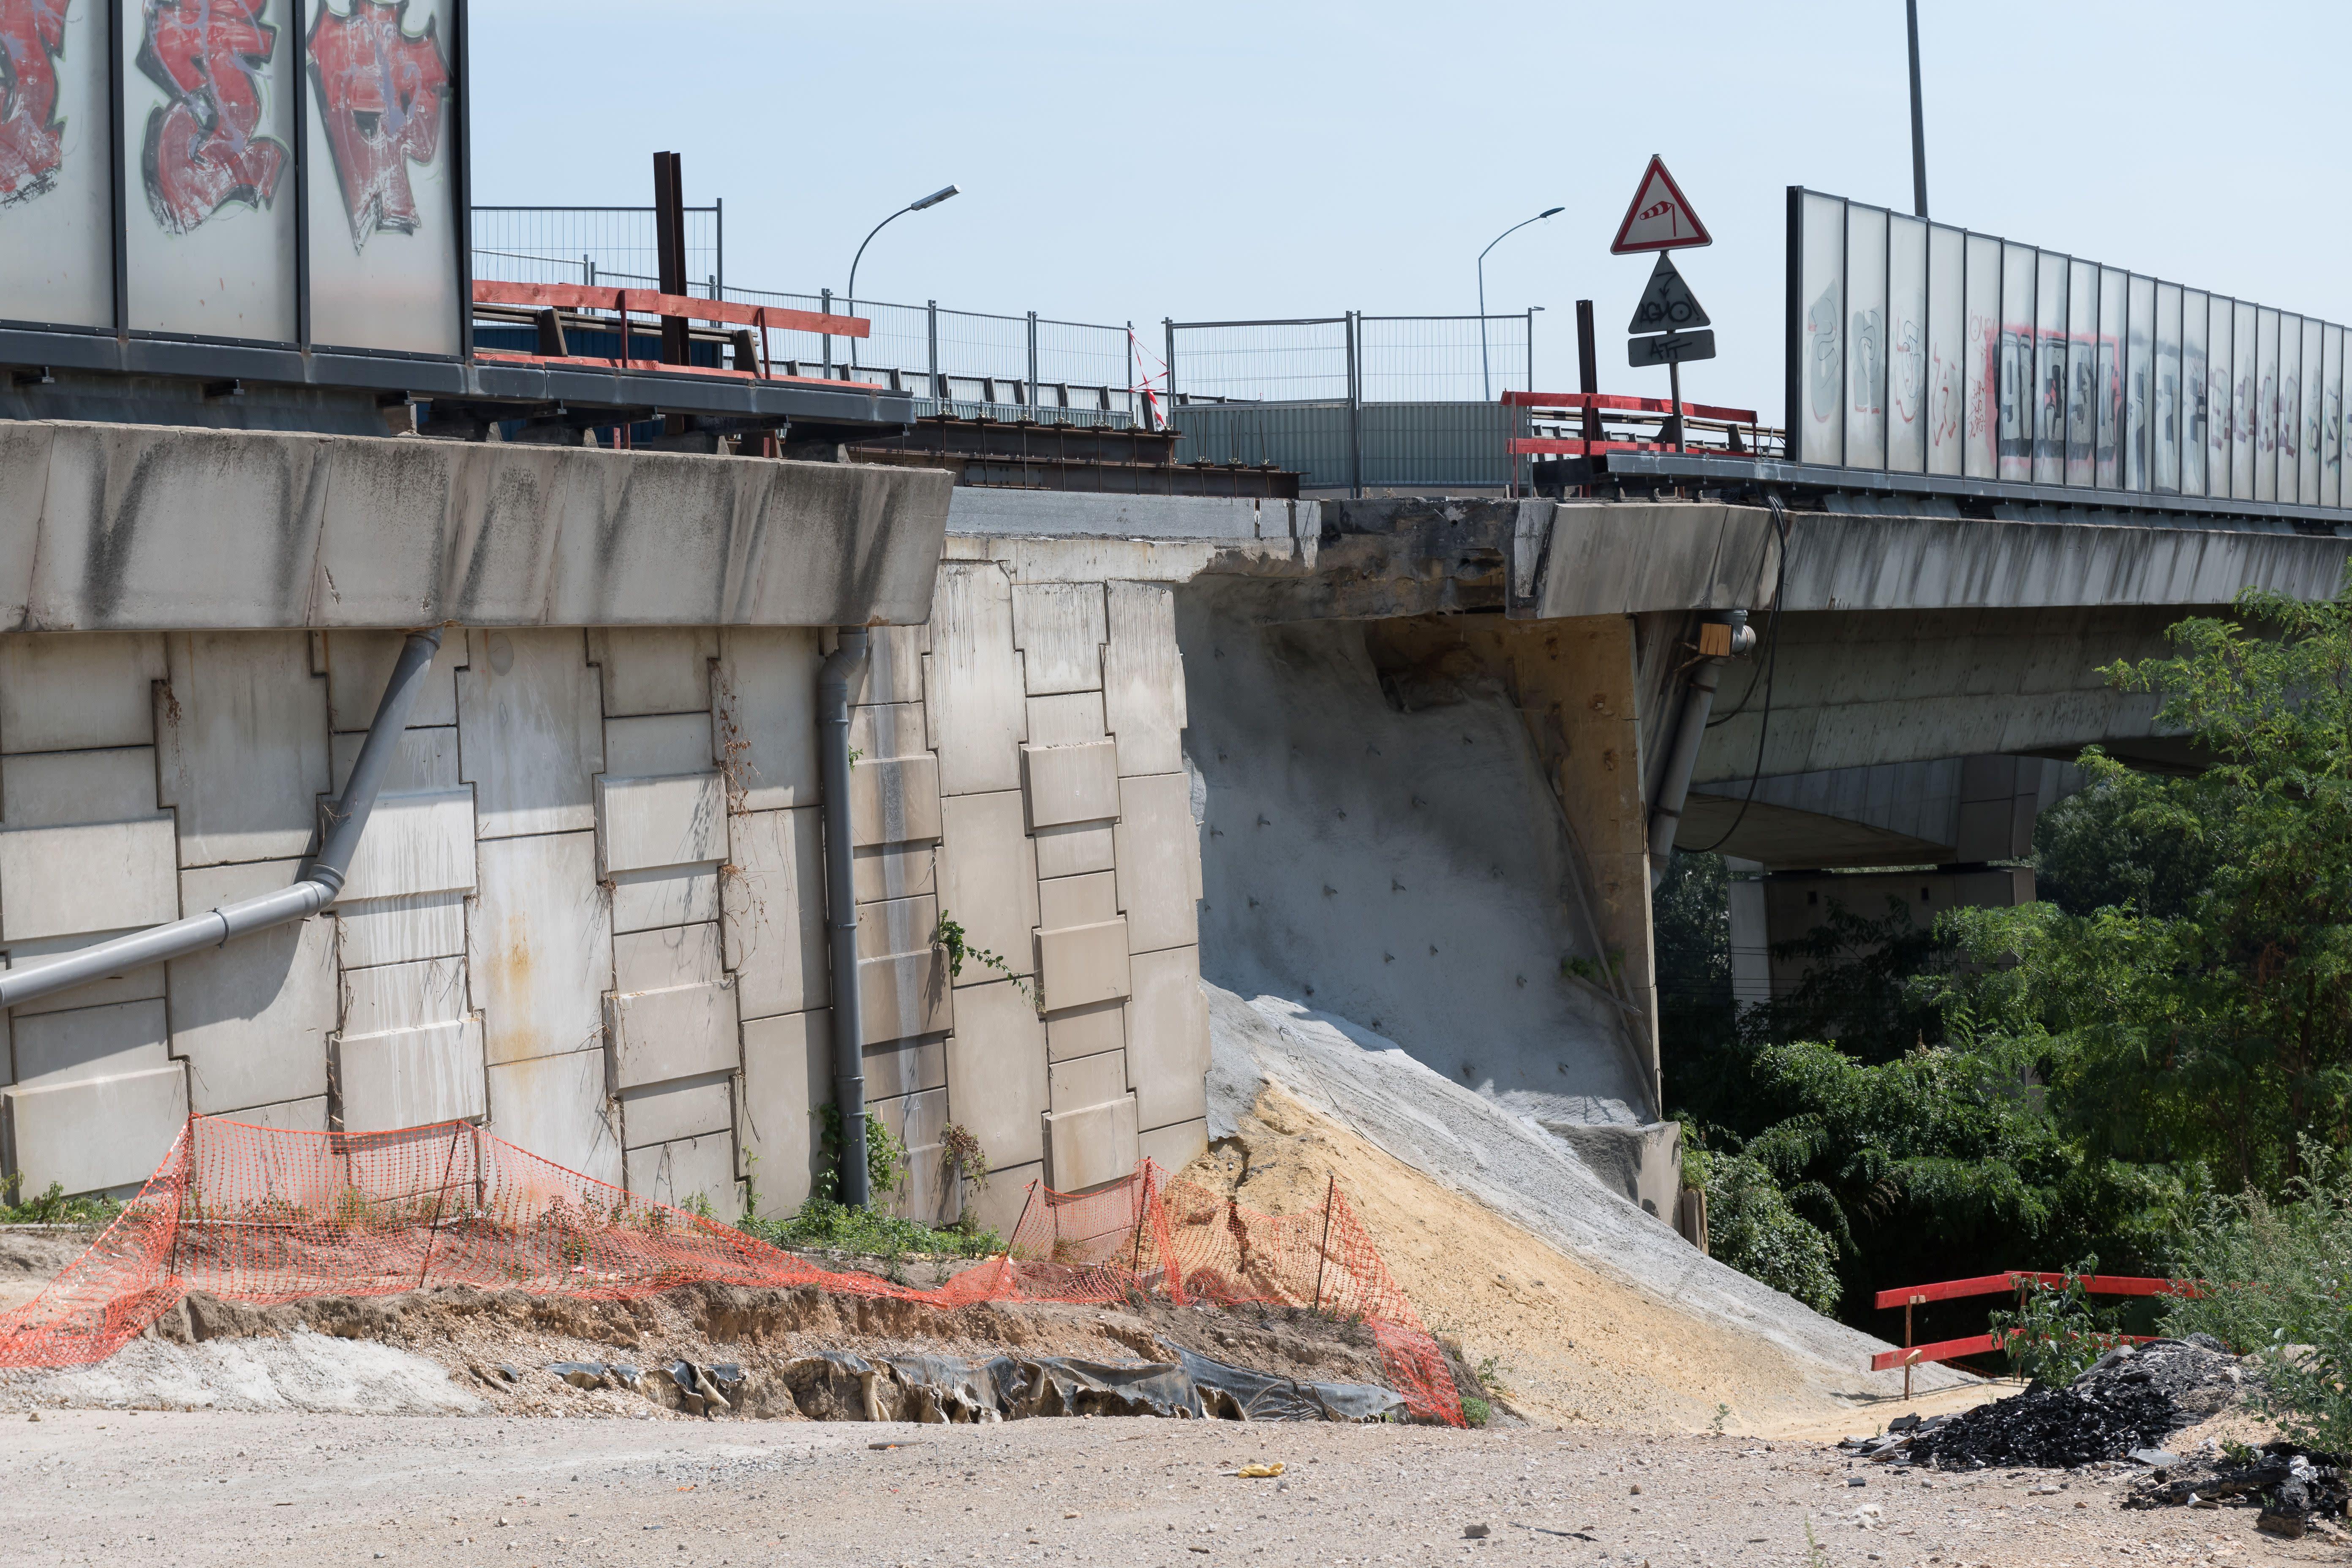 Évaluation de l'état des ponts: «Il y a enfin une prise de conscience», salue le Sénat